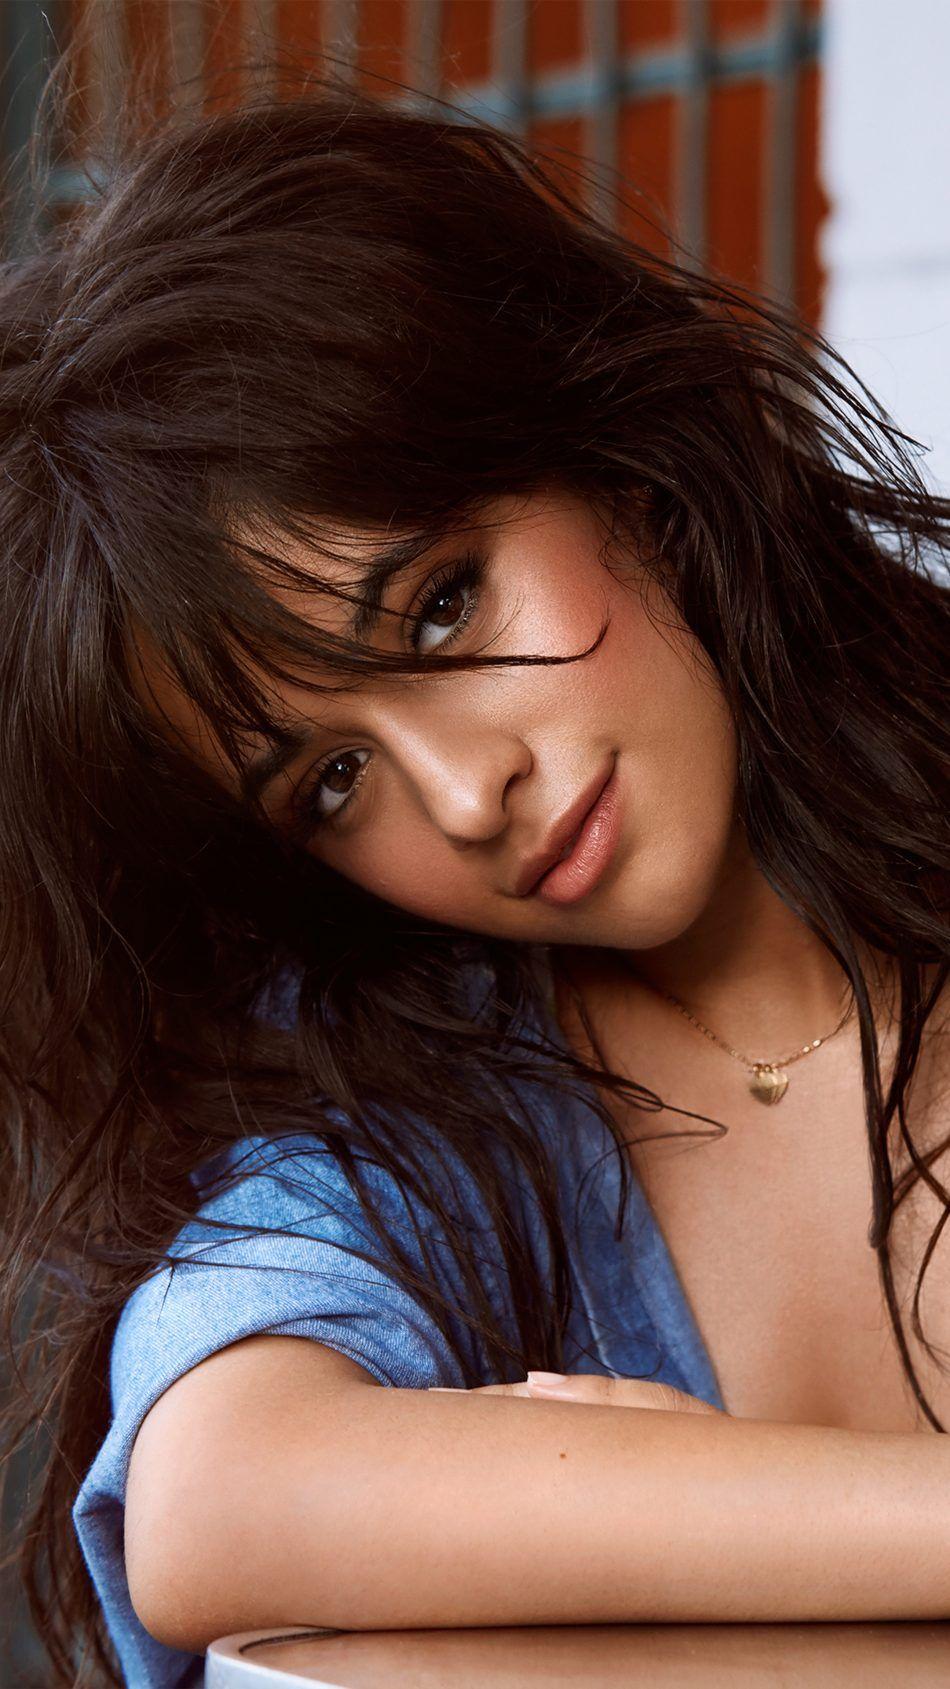 Singer Camila Cabello 2019 4k Ultra Hd Mobile Wallpaper Beauty Camila Cabello Singer